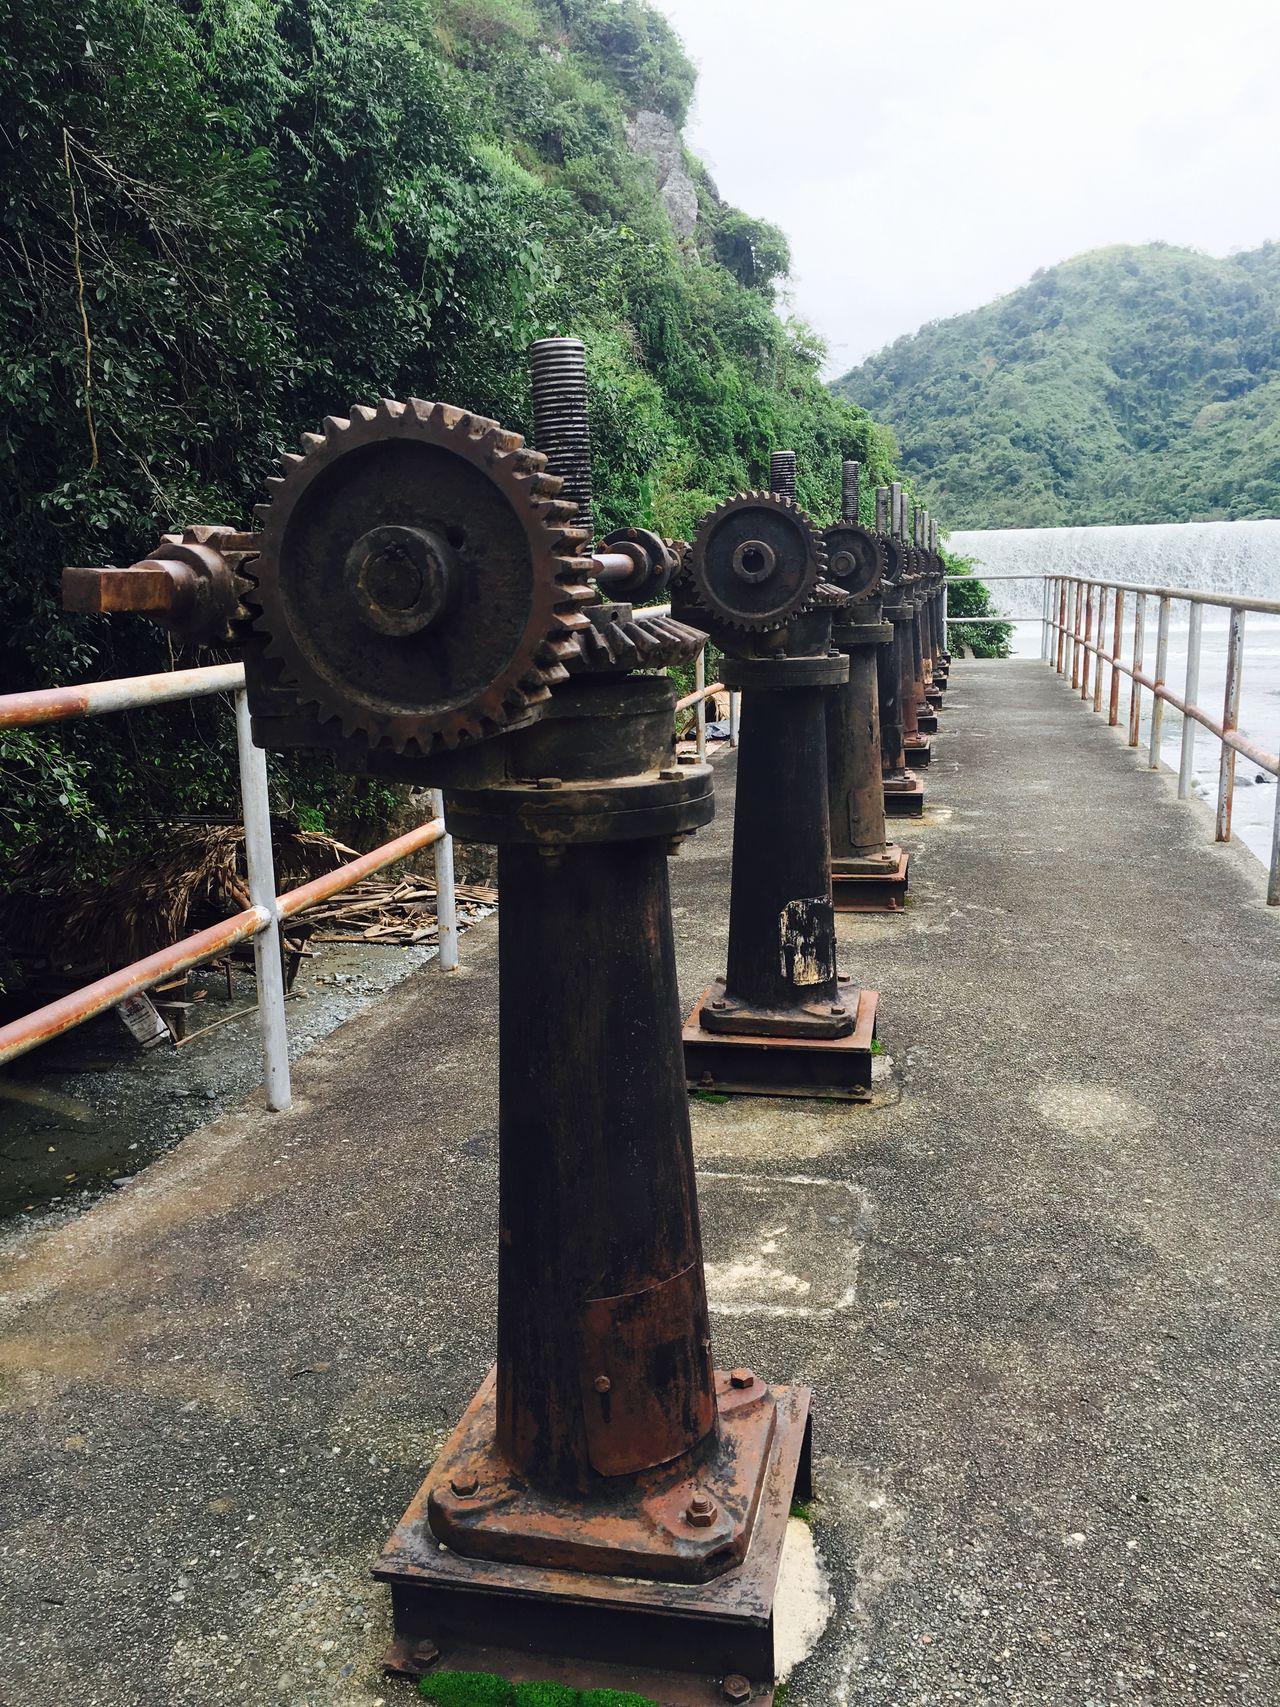 Dam Diversion Dam Ilocos Norte, Philippines  Irrigation Irrigation System Love Madongandam Philippines